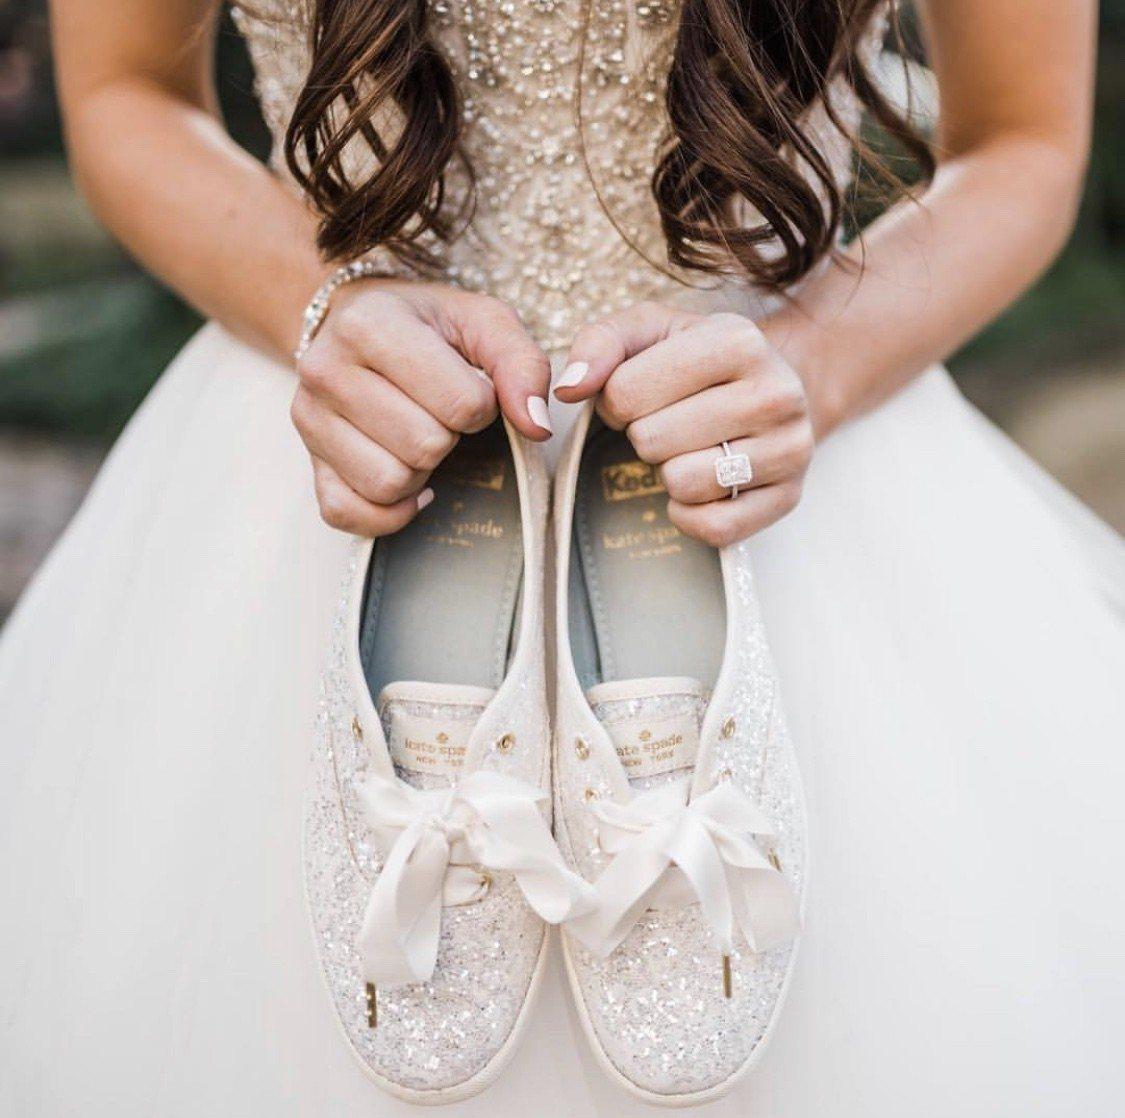 美國帆布鞋品牌Keds則攜手時尚品牌「Kate Spade」推出聯名鞋款。圖/K...